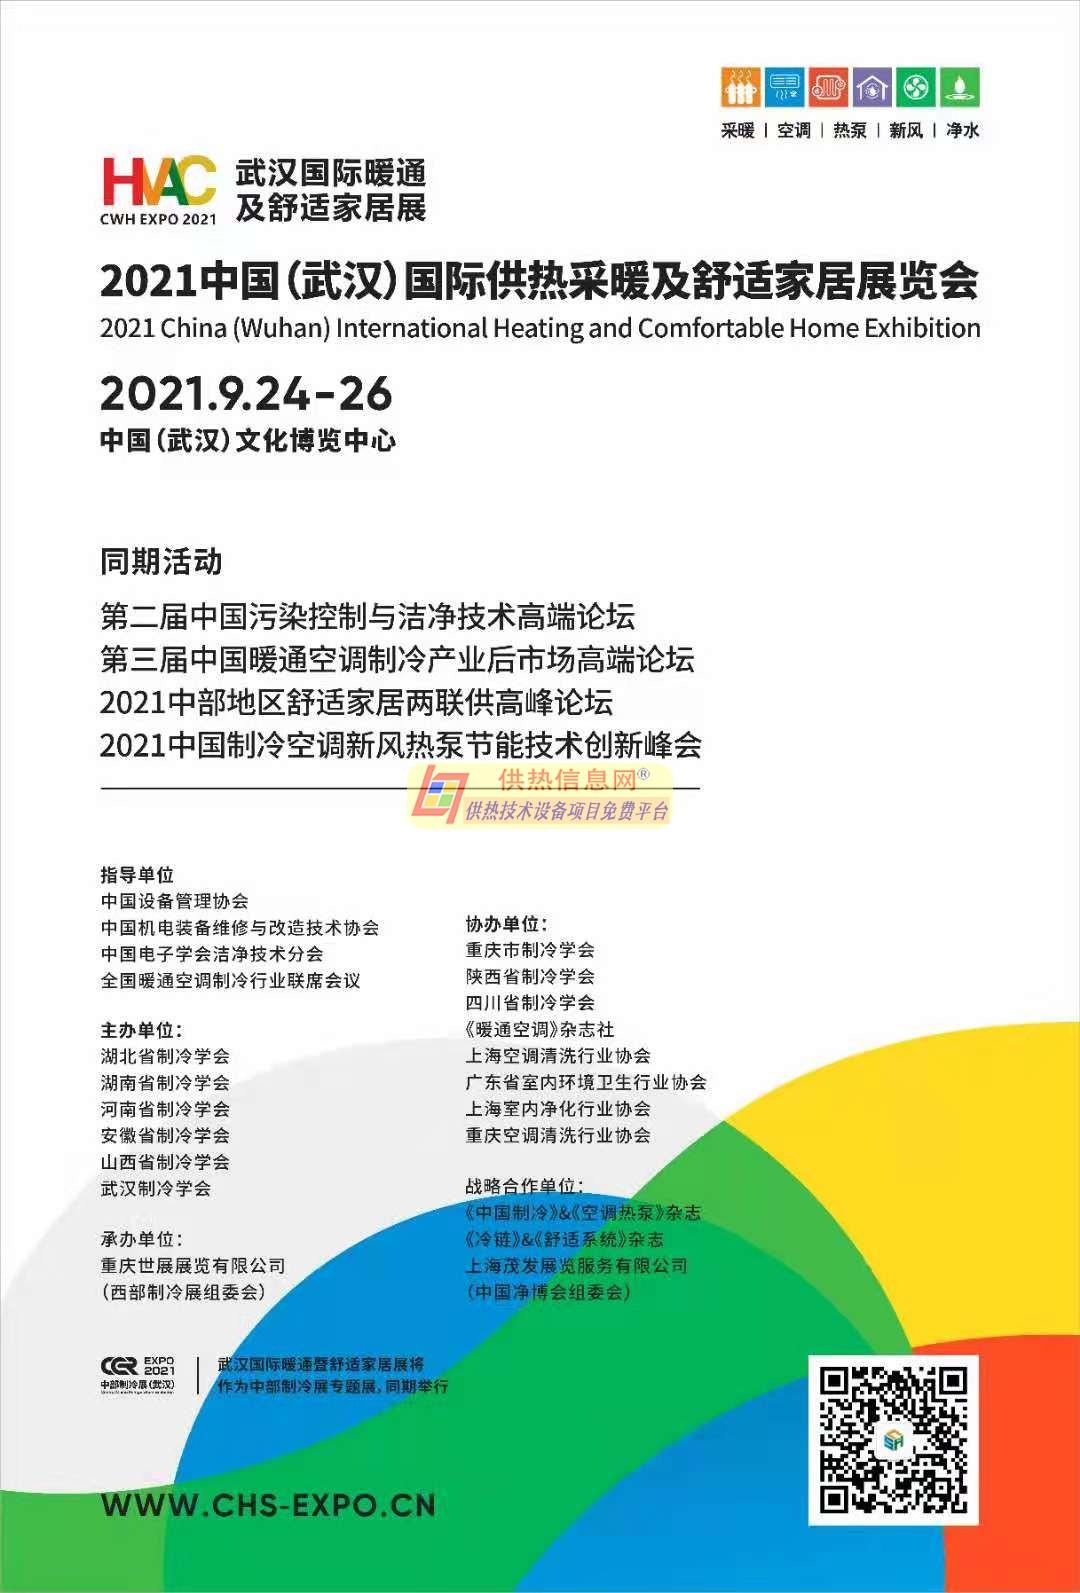 2021中国武汉供热采暖展览会